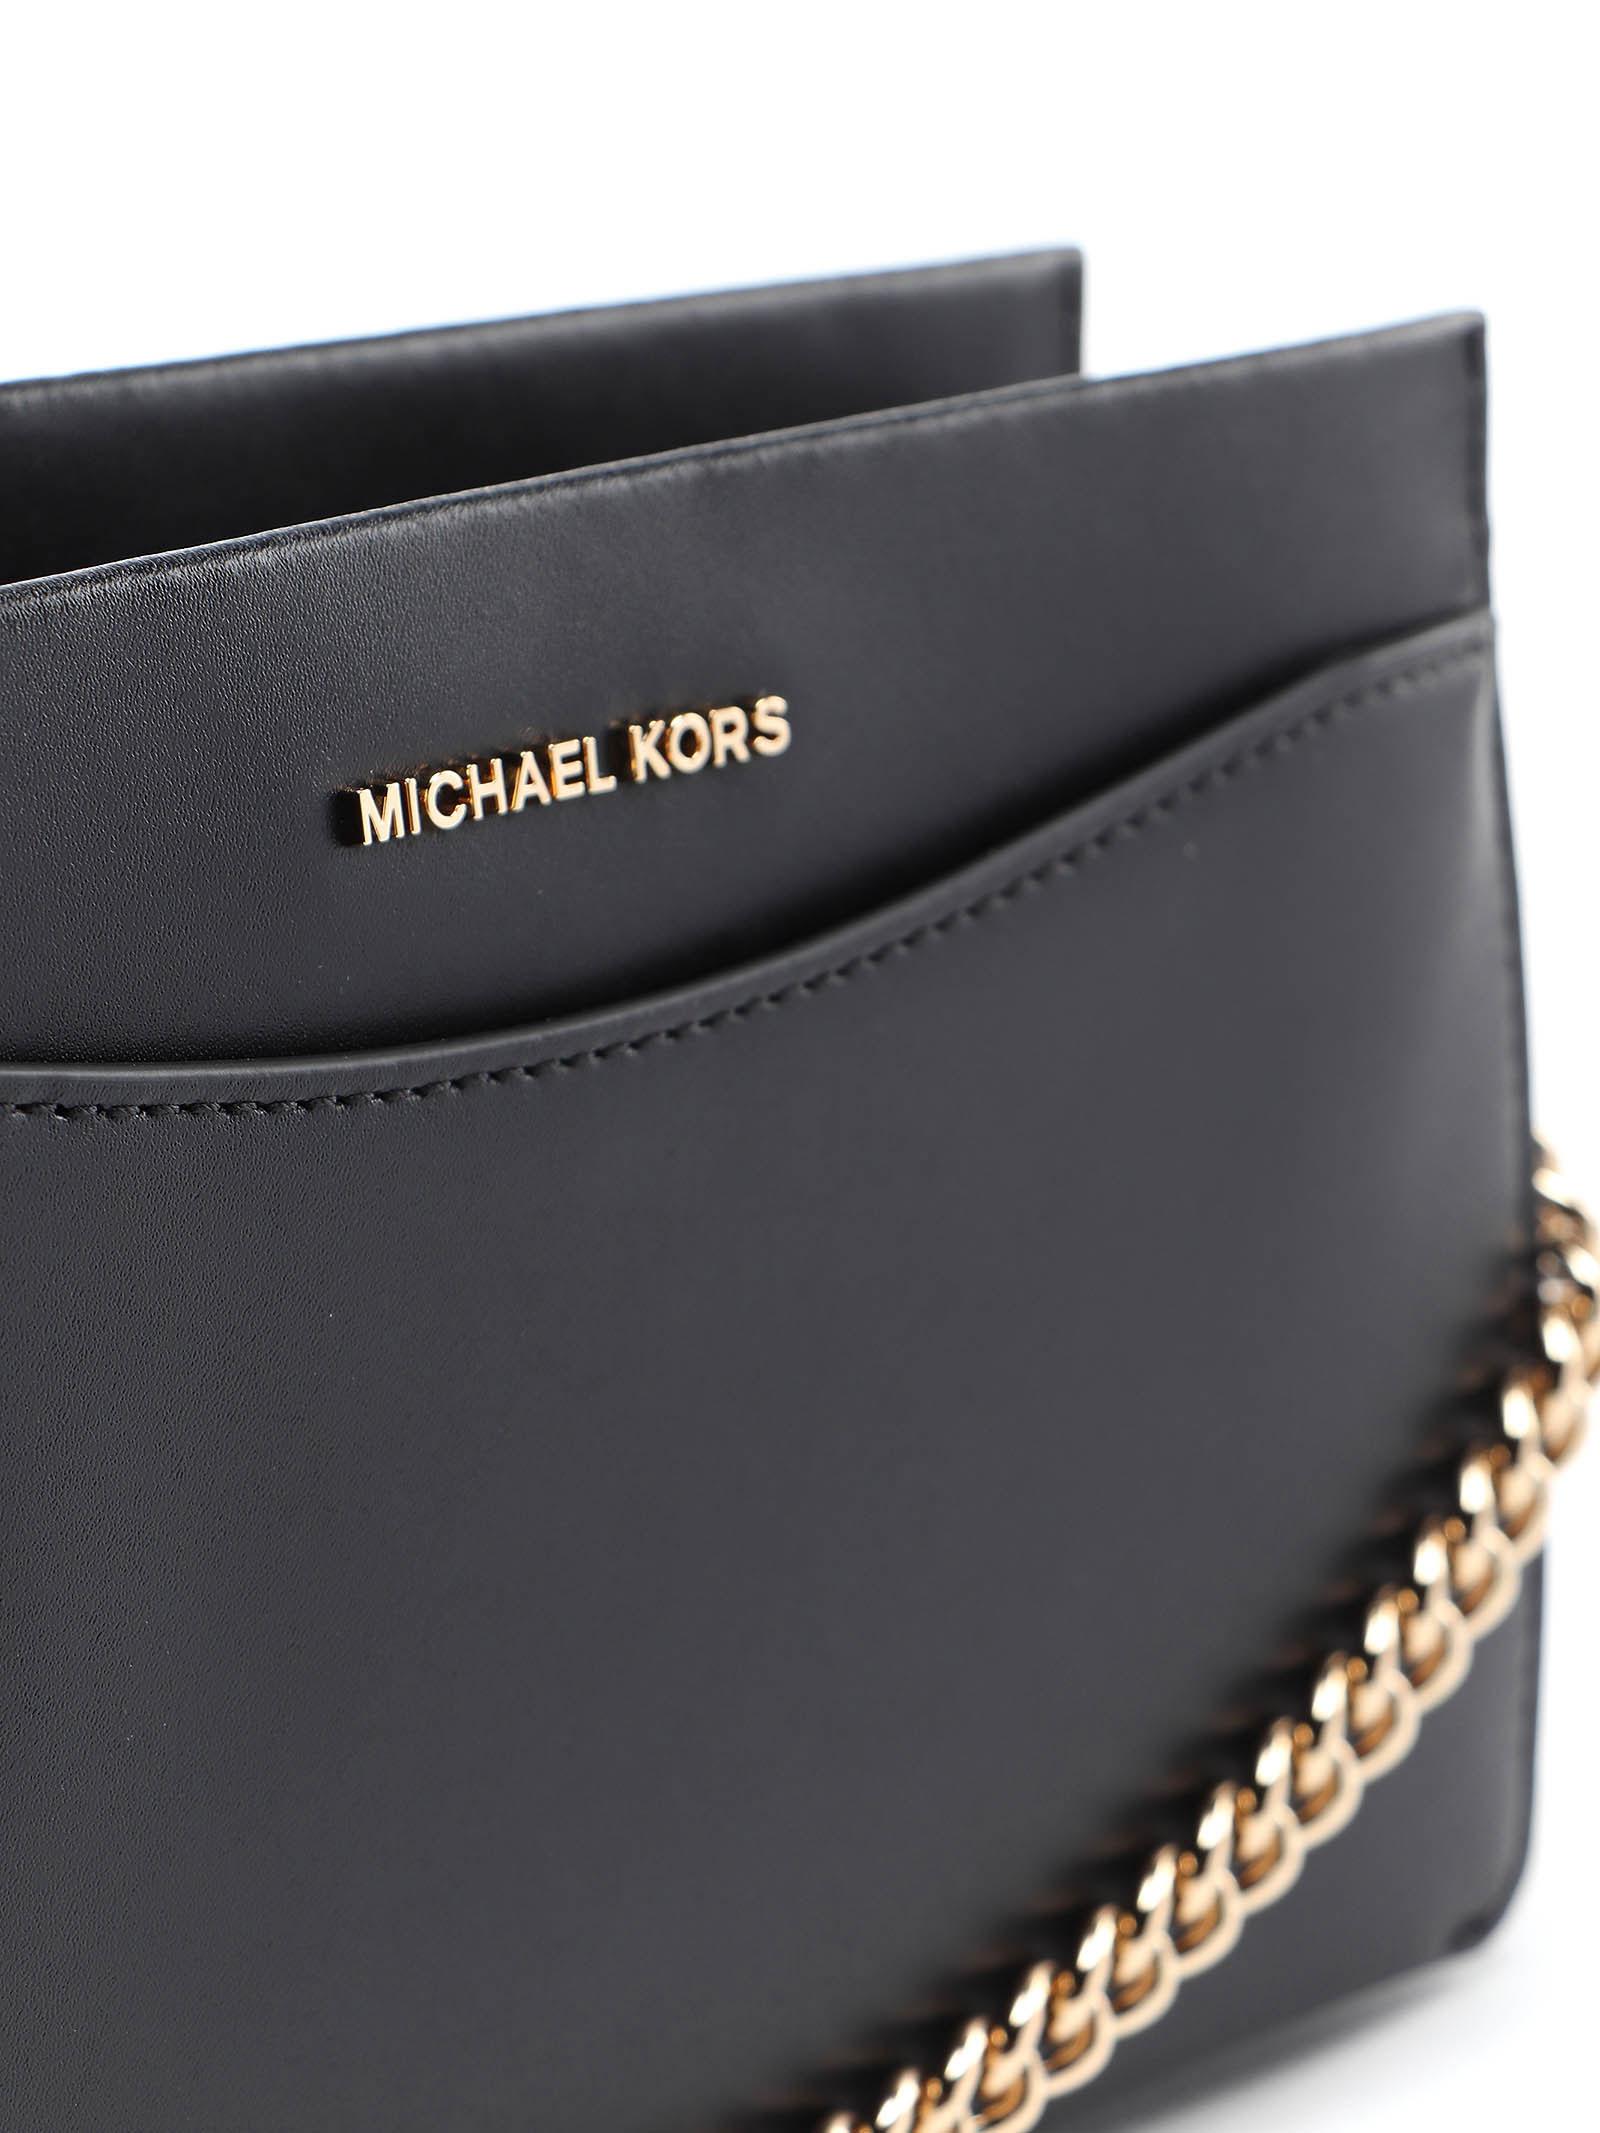 Túi xách Michael Kors mẫu mới nhất 2021 màu đen cho nữ-32F9GJ6C3L JET SET LG CONV CHAIN CROSSBODY LEATHER BLACK, giỏ xách mk size trung màu đen, , giỏ  xách michael kors sự tiệc màu đen